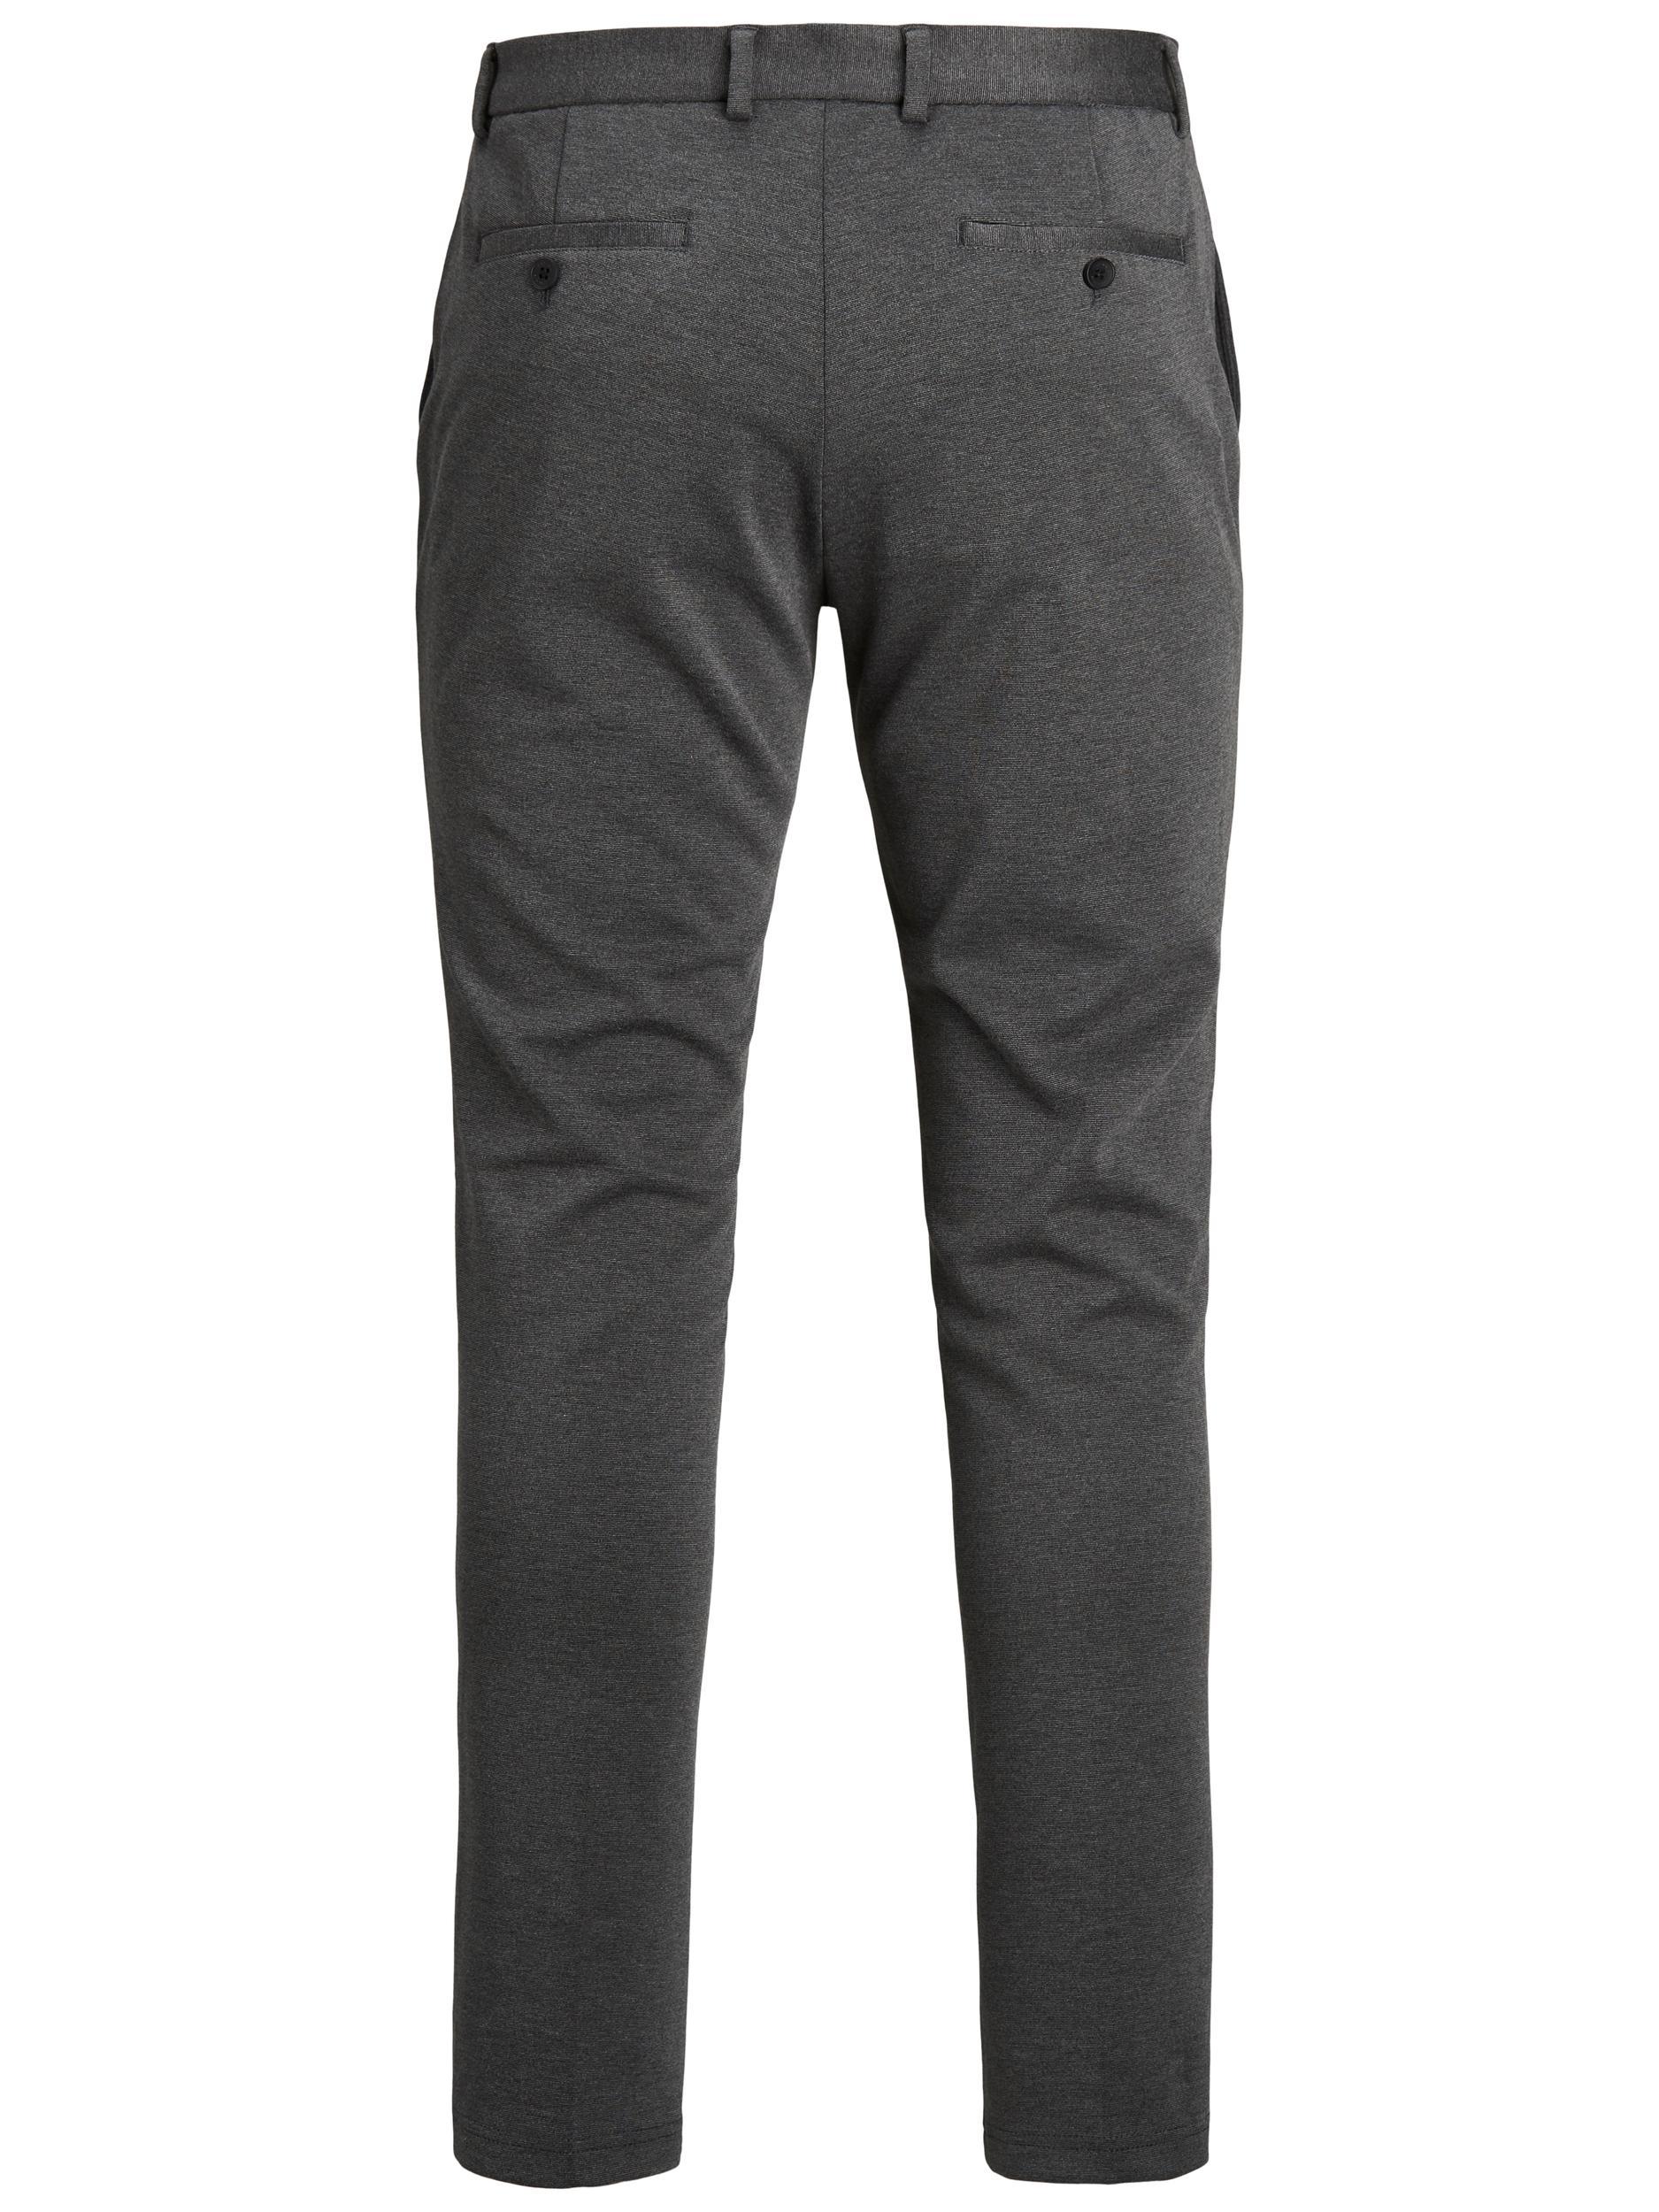 Jack & Jones Marco Phil bukser, grey melange, 31/30